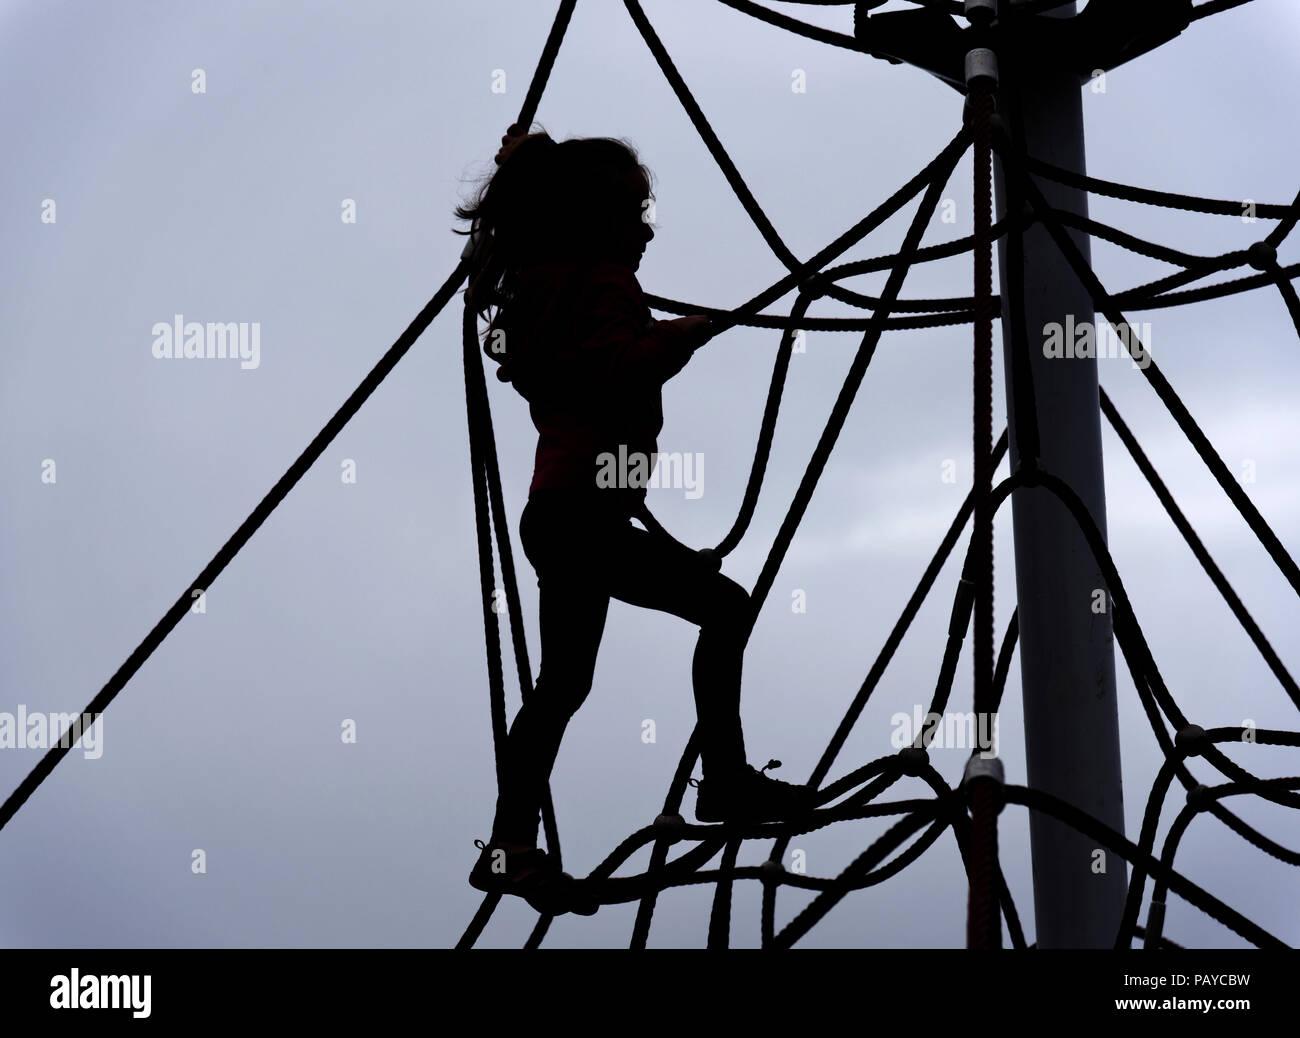 Klettergerüst Aus Seilen : Die silhouette eines jungen mädchens 6 jahre alt auf einem seil